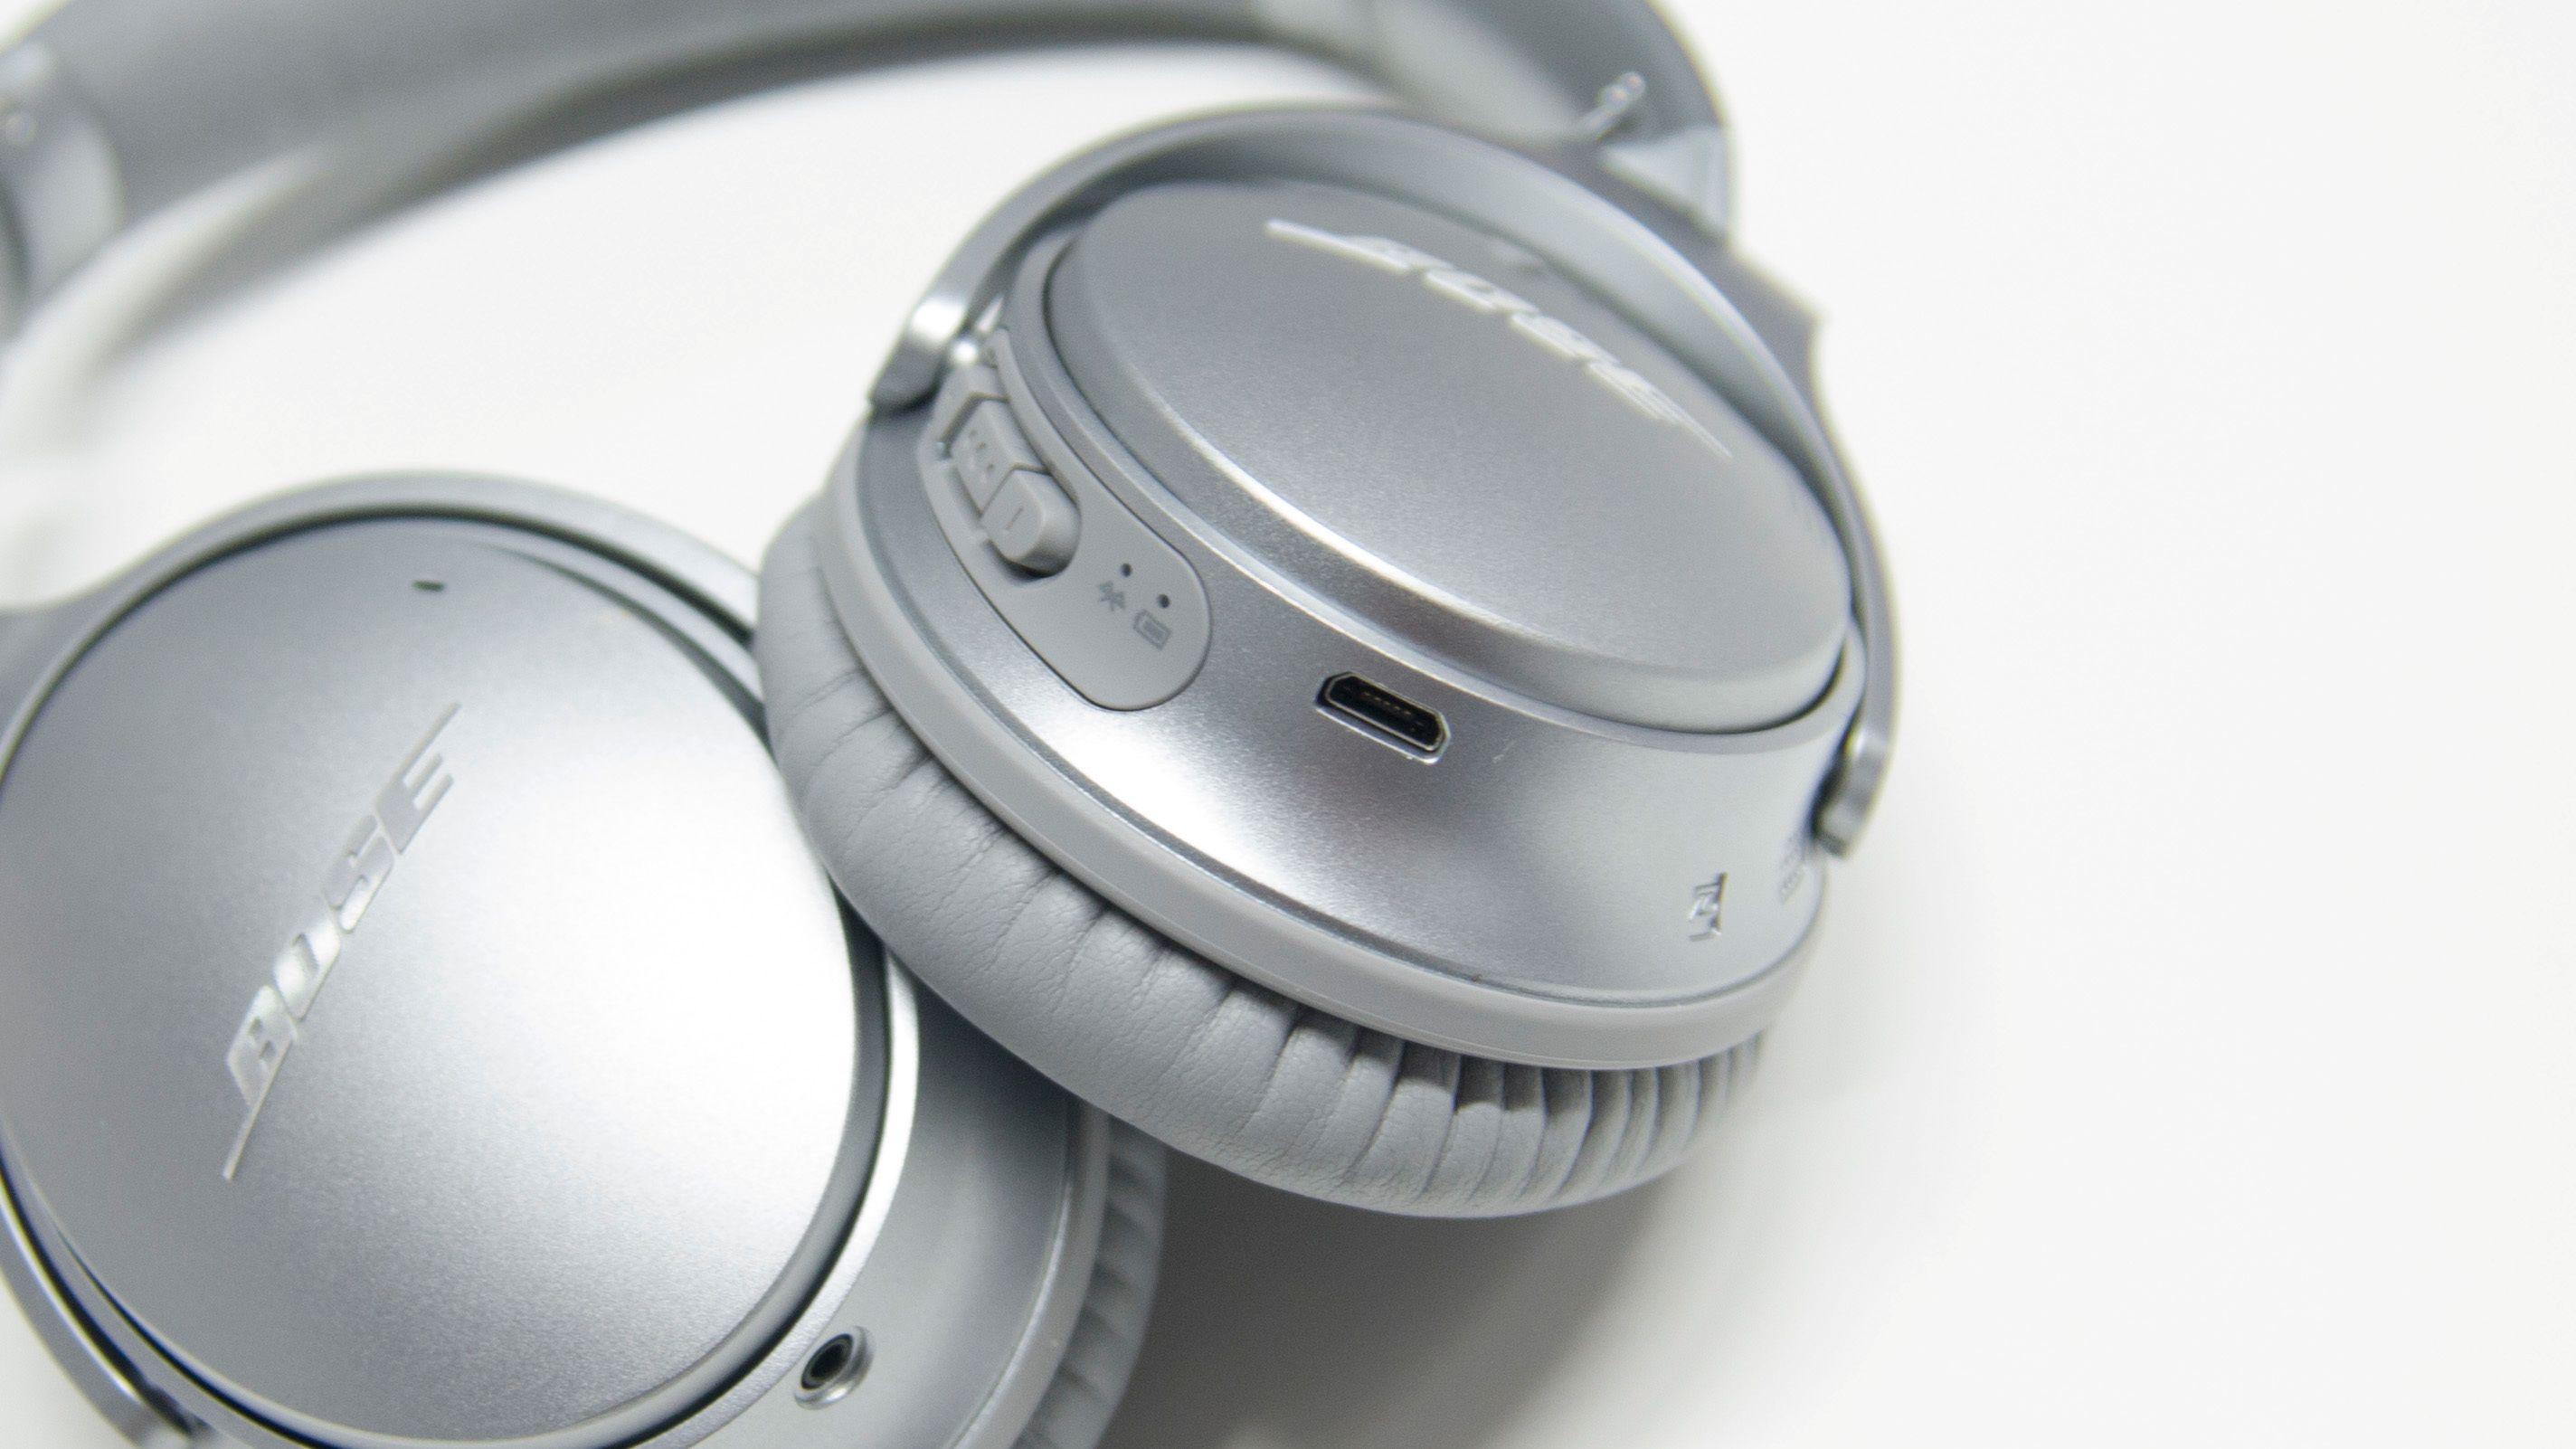 Nå får toppmodellene til Bose og Sony en helt ny funksjon